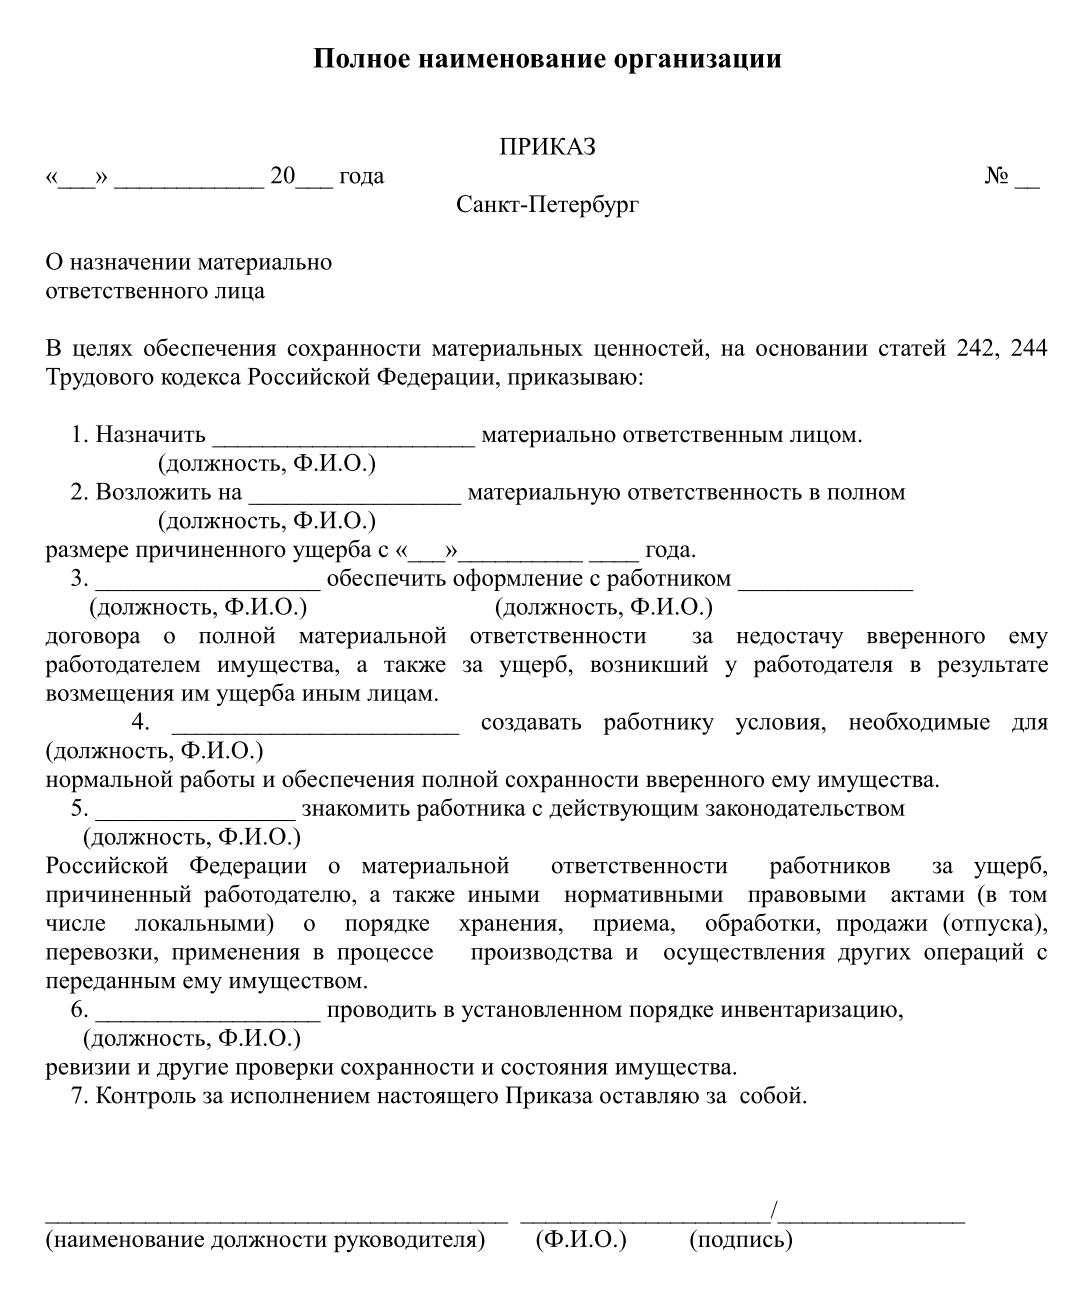 Нотариальное обязательство о снятии с регистрационного учета образец